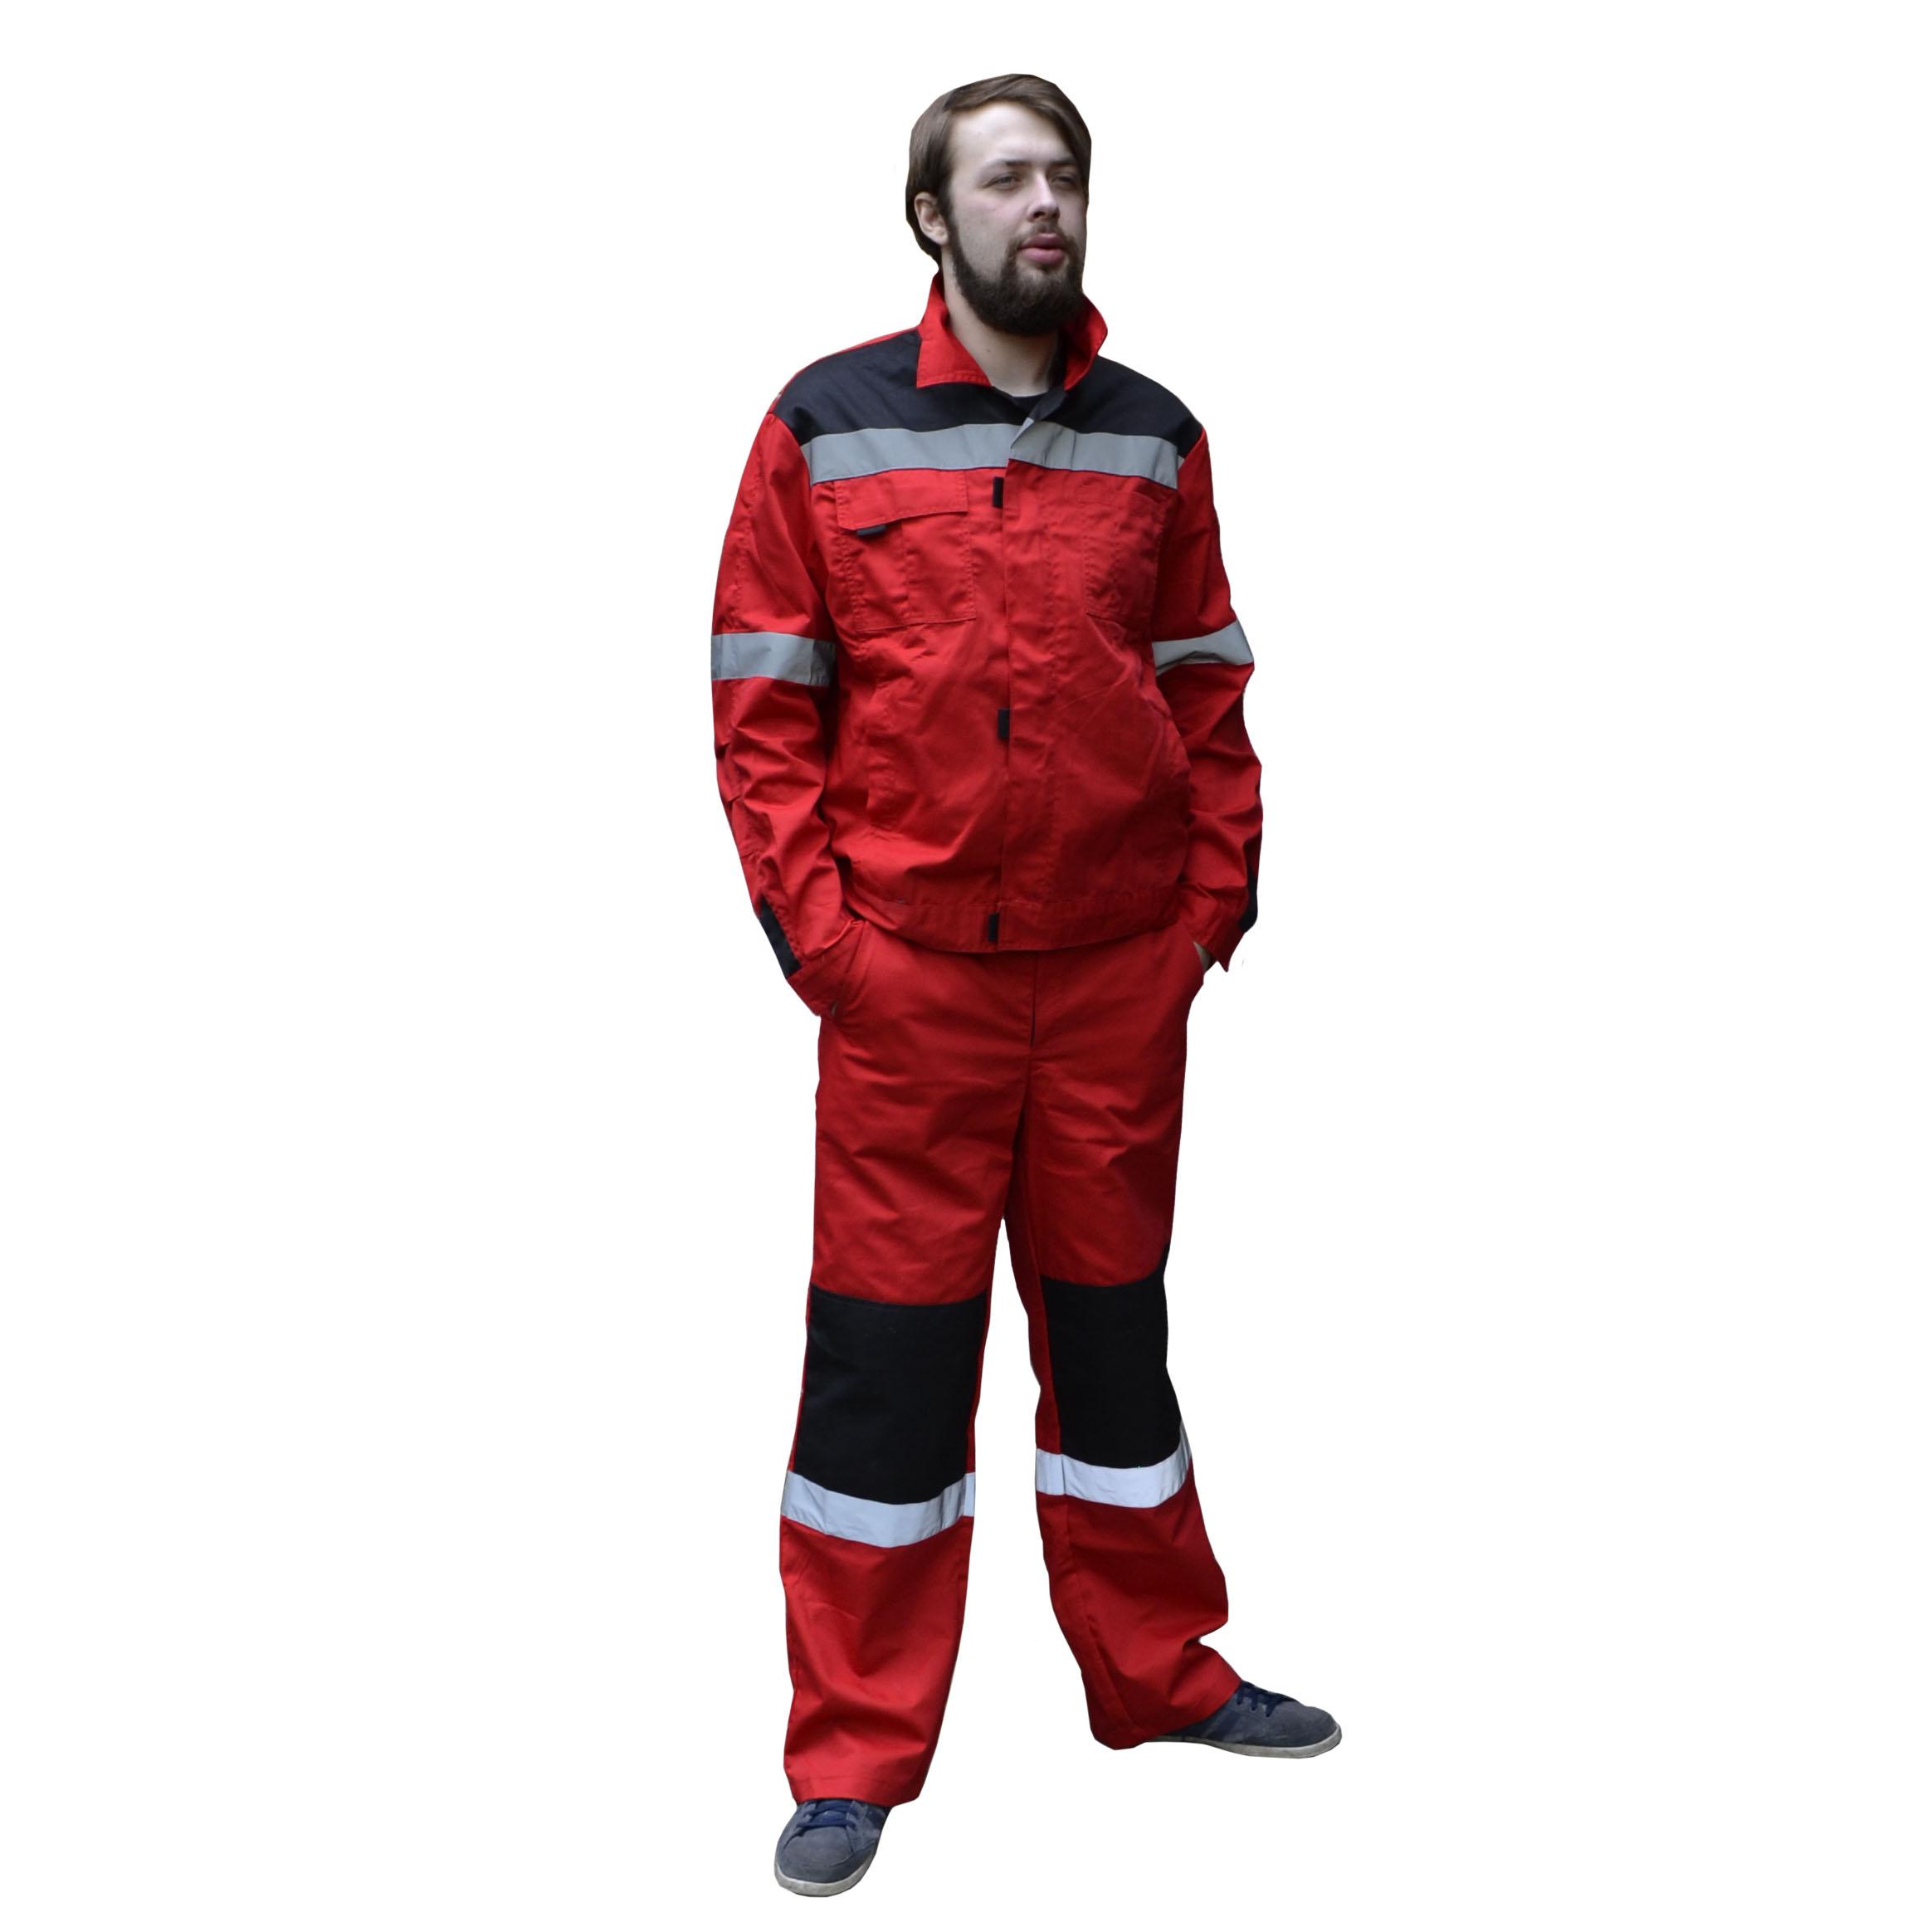 Костюм «Фаворит СП» куртка, брюки красный с черным, СОП, тк.Твилл 240 гр.